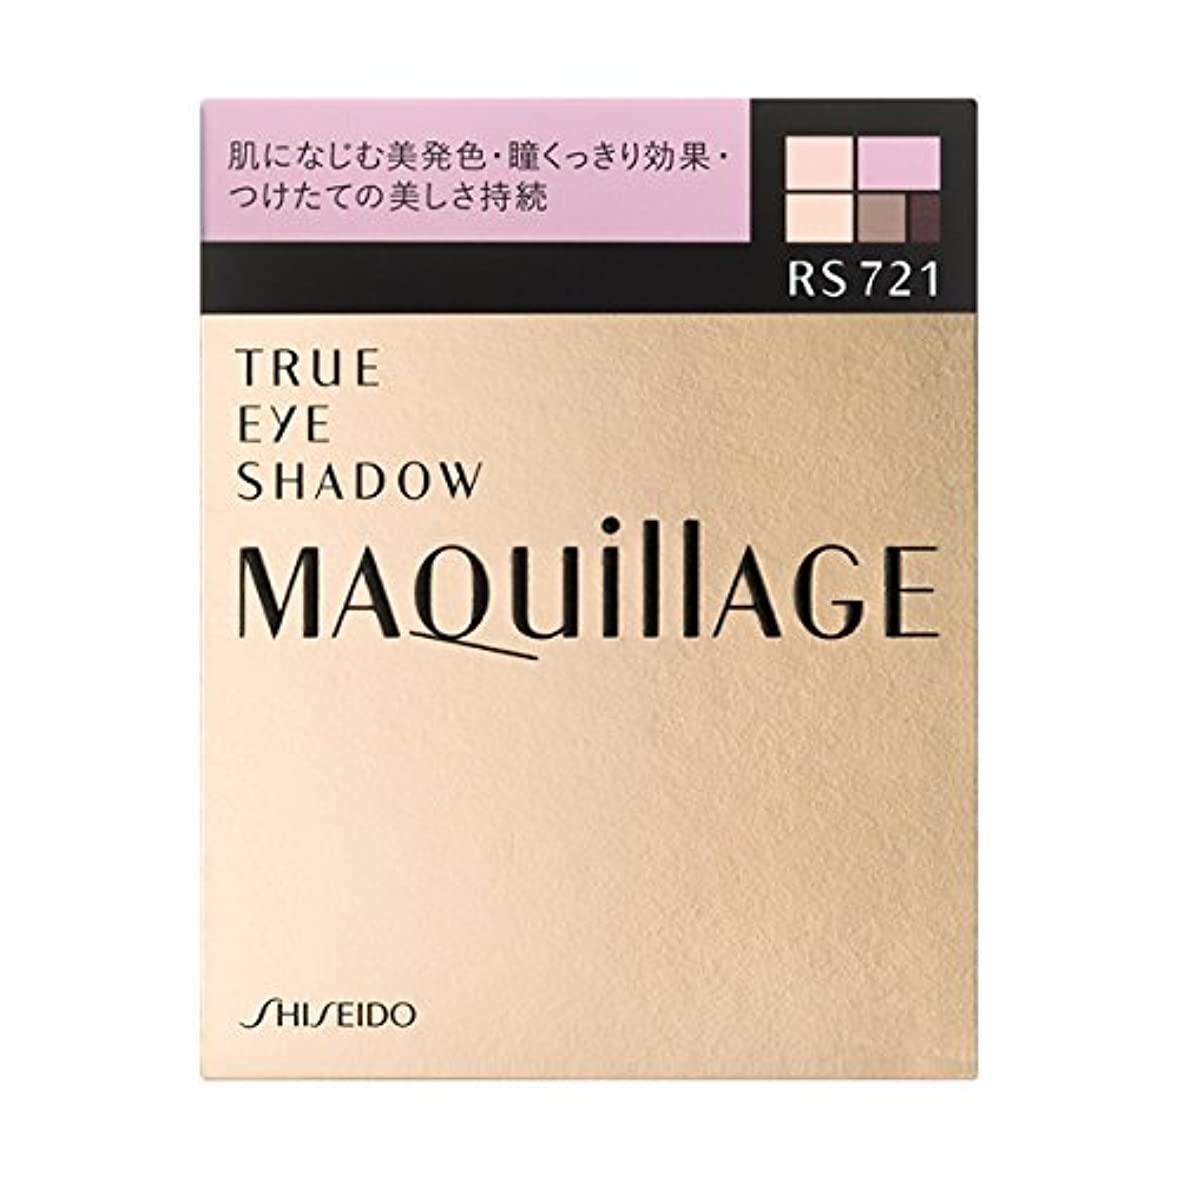 前文現実結婚式<2個セット>マキアージュ トゥルーアイシャドー RS721 本体 3.5g×2個